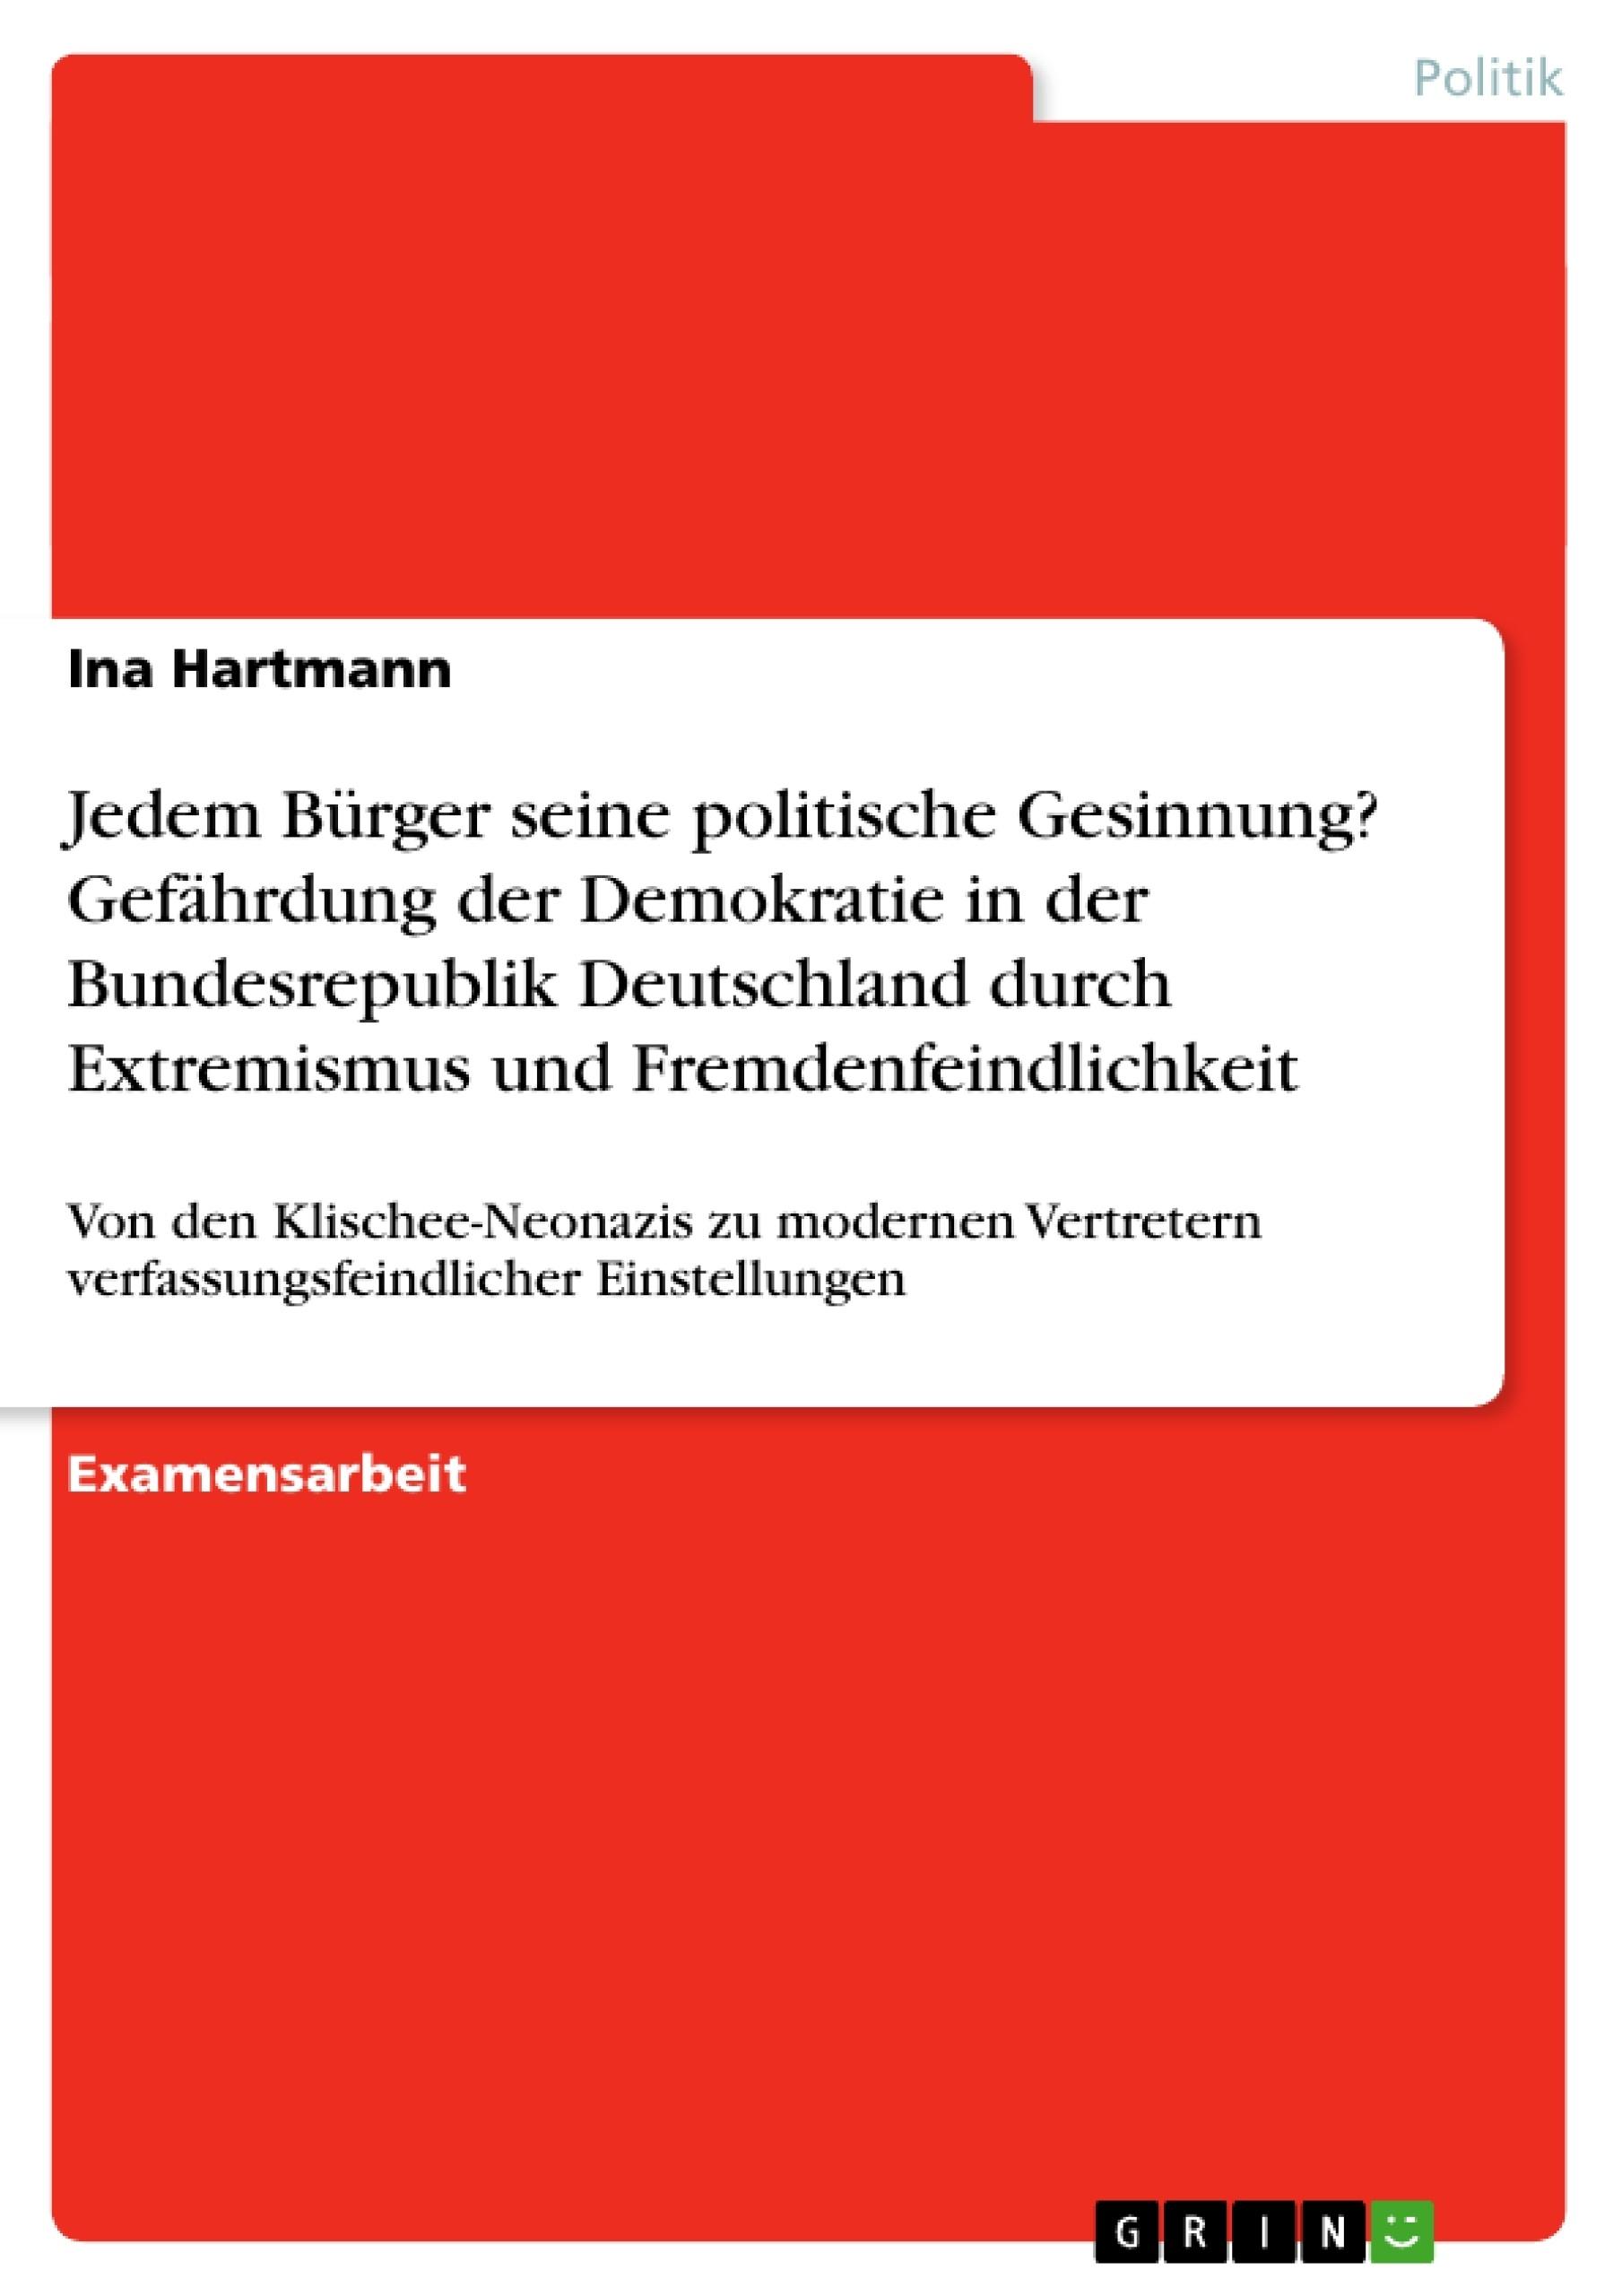 Titel: Jedem Bürger seine politische Gesinnung? Gefährdung der Demokratie in der Bundesrepublik Deutschland durch Extremismus und Fremdenfeindlichkeit